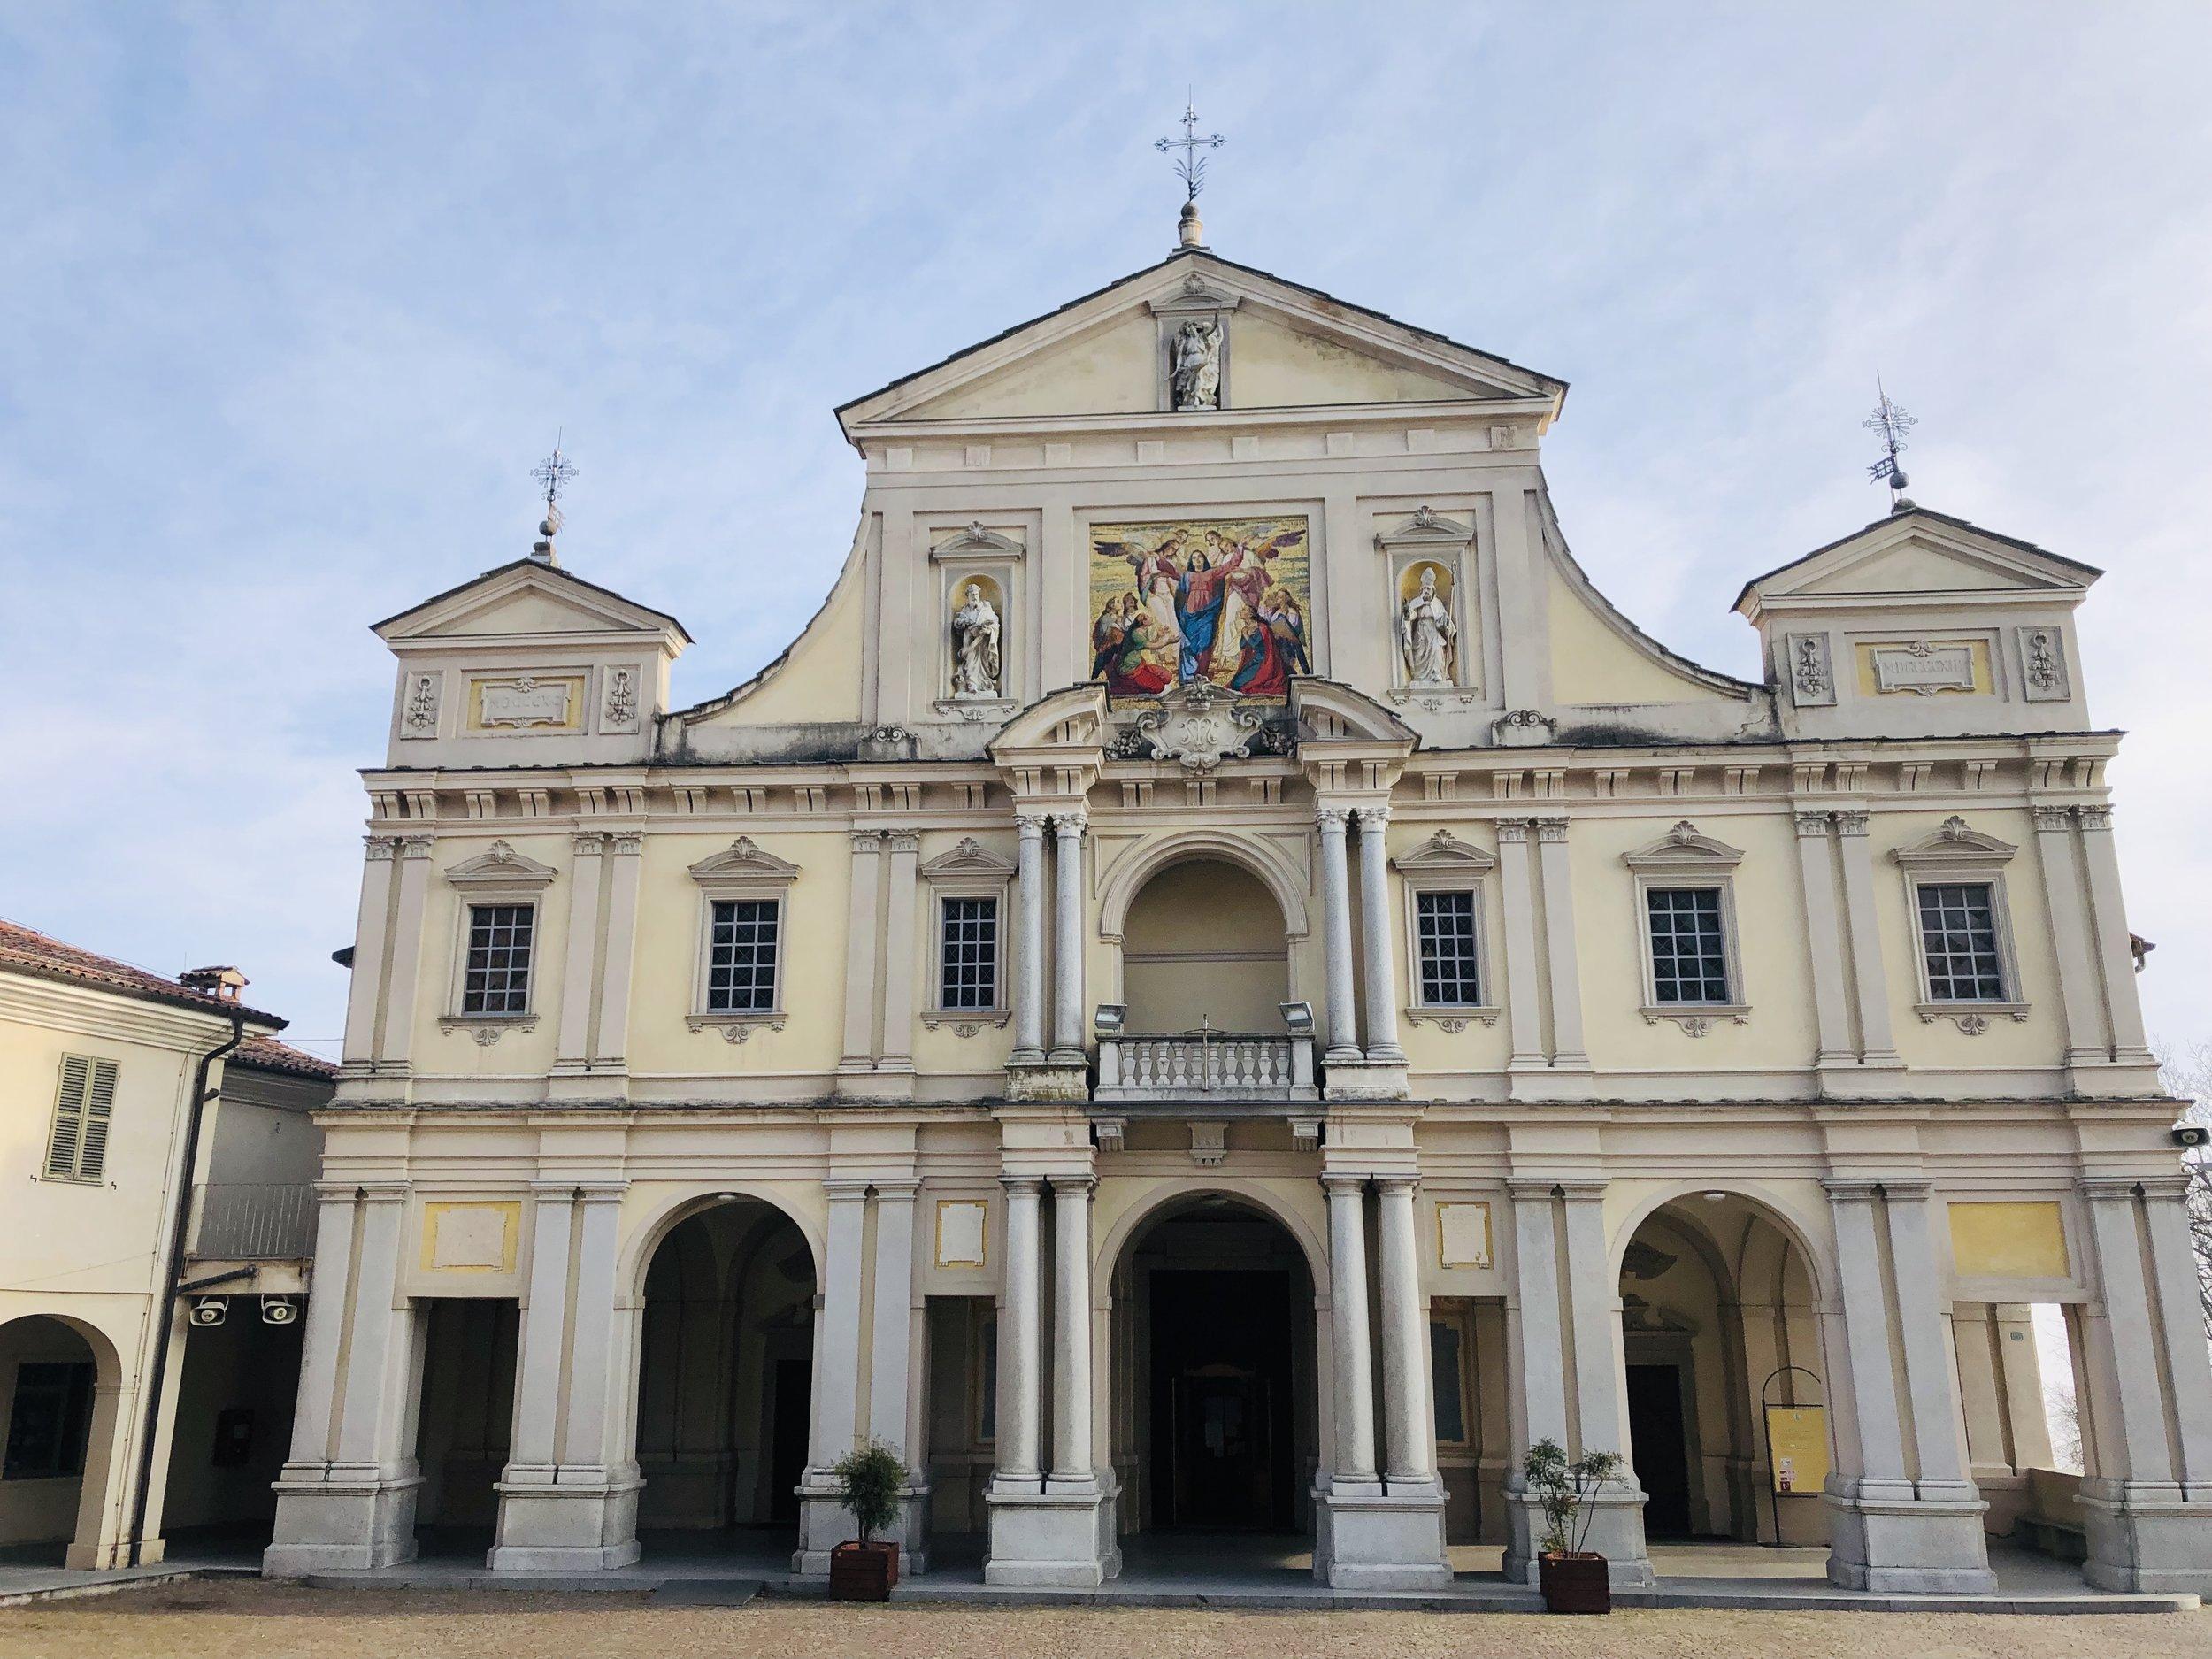 monferrato scenic towns